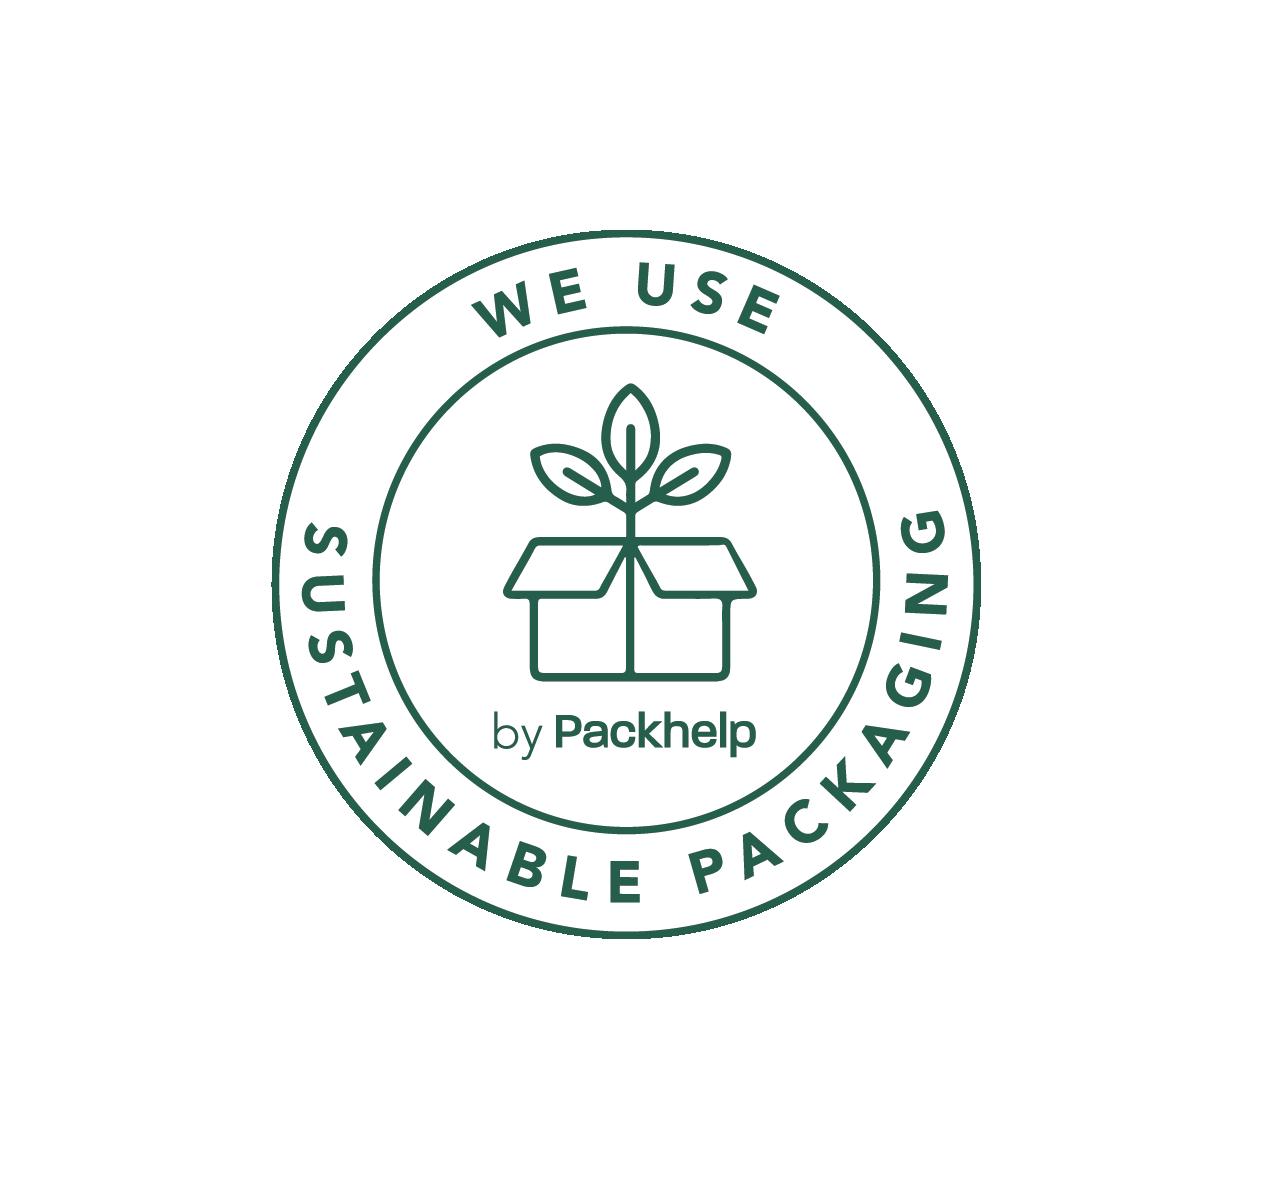 Certifikát ekologického balení